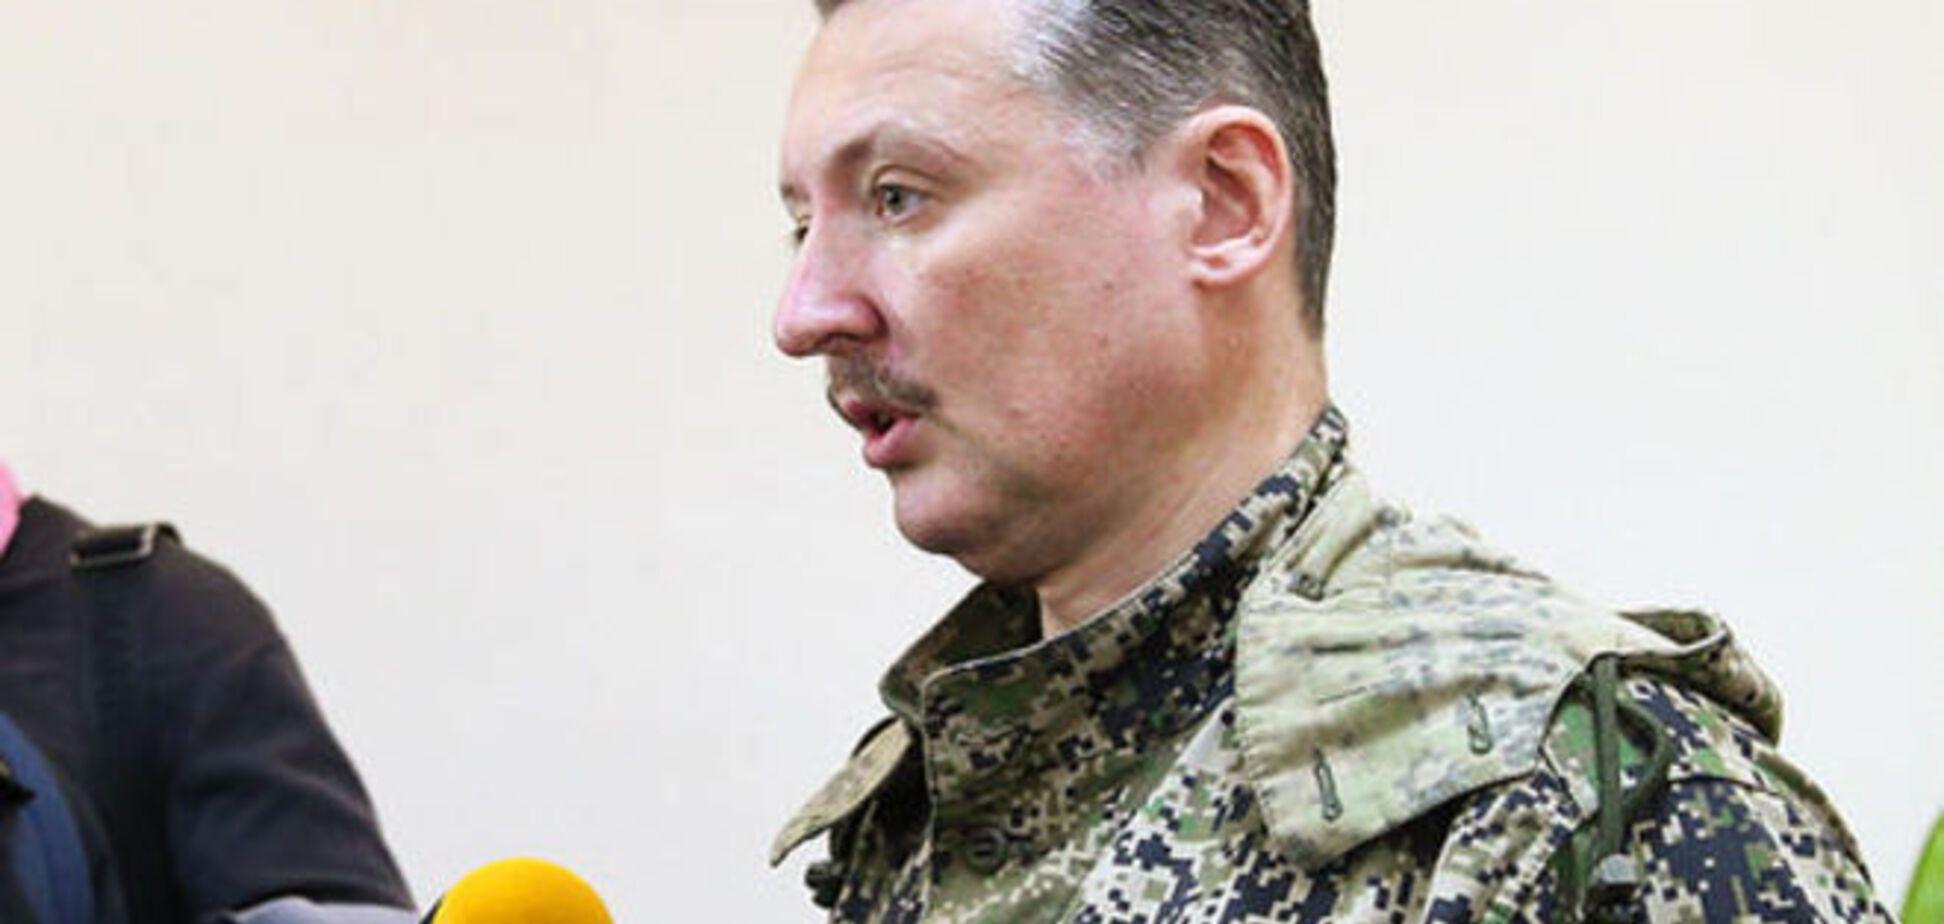 У славянских террористов заявили, что 'Стрелок' жив-здоров и передает всем привет